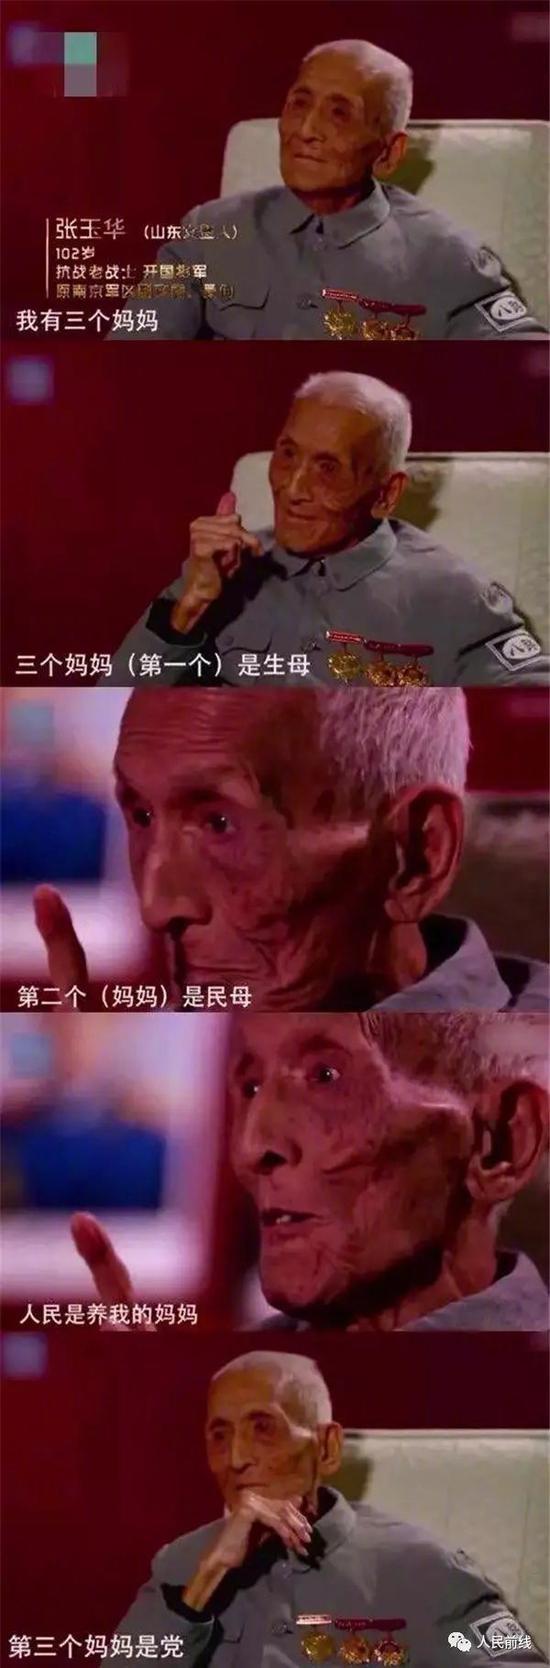 九三阅兵中敬礼的张玉华将军遗言曝光 再次令国人泪目